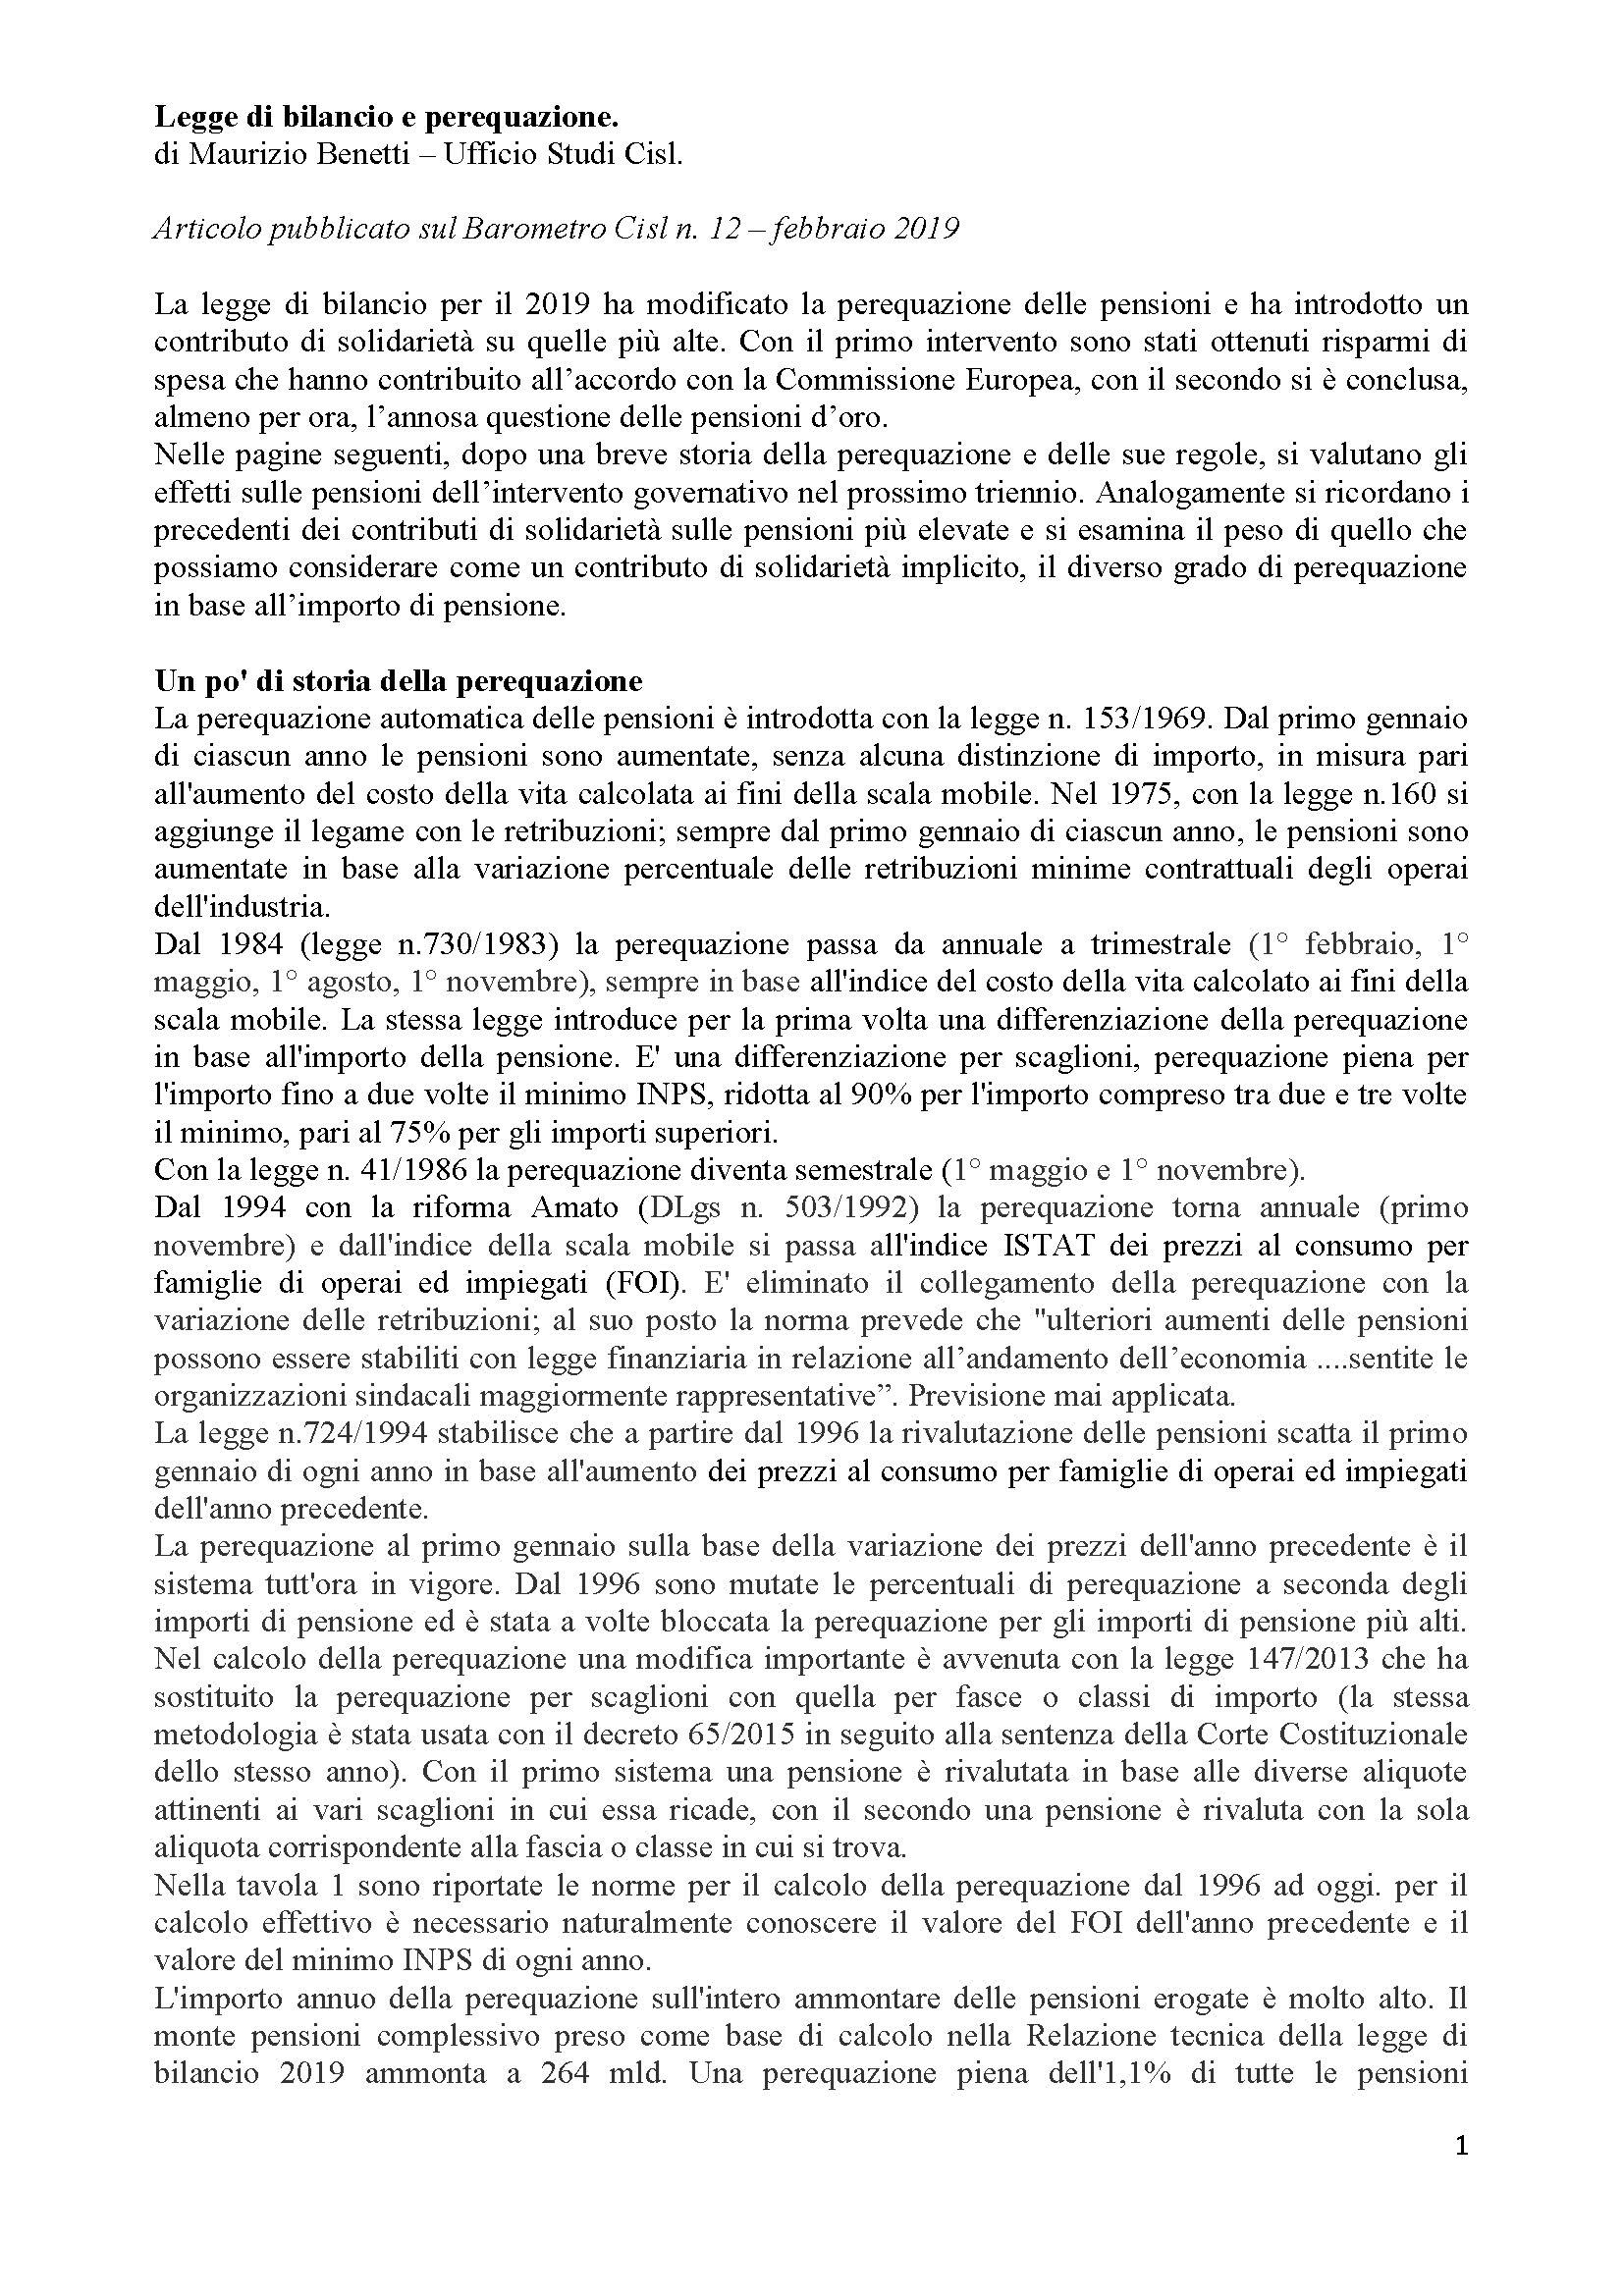 Perequazione pensioni - storia_Pagina_1